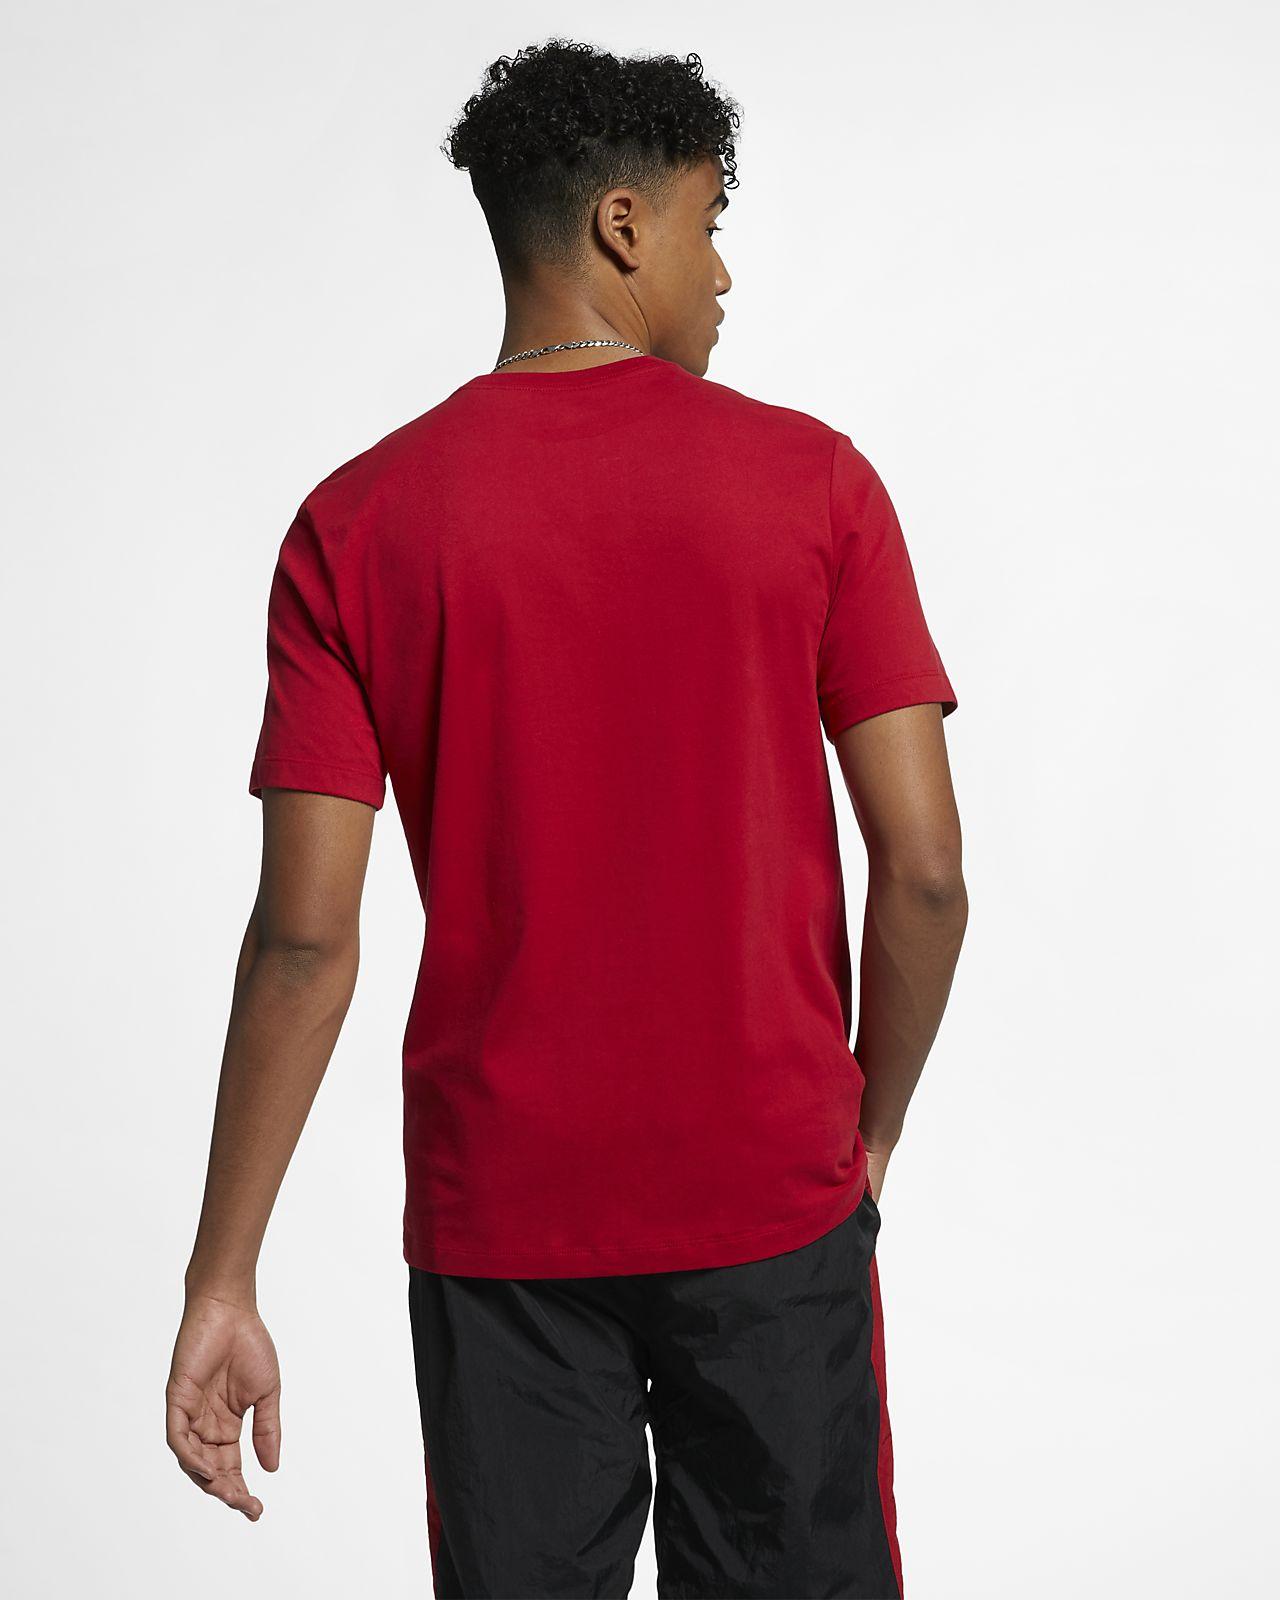 aa36c07e3f88d9 Jordan Iconic 23 7 Men s Training T-Shirt. Nike.com GB